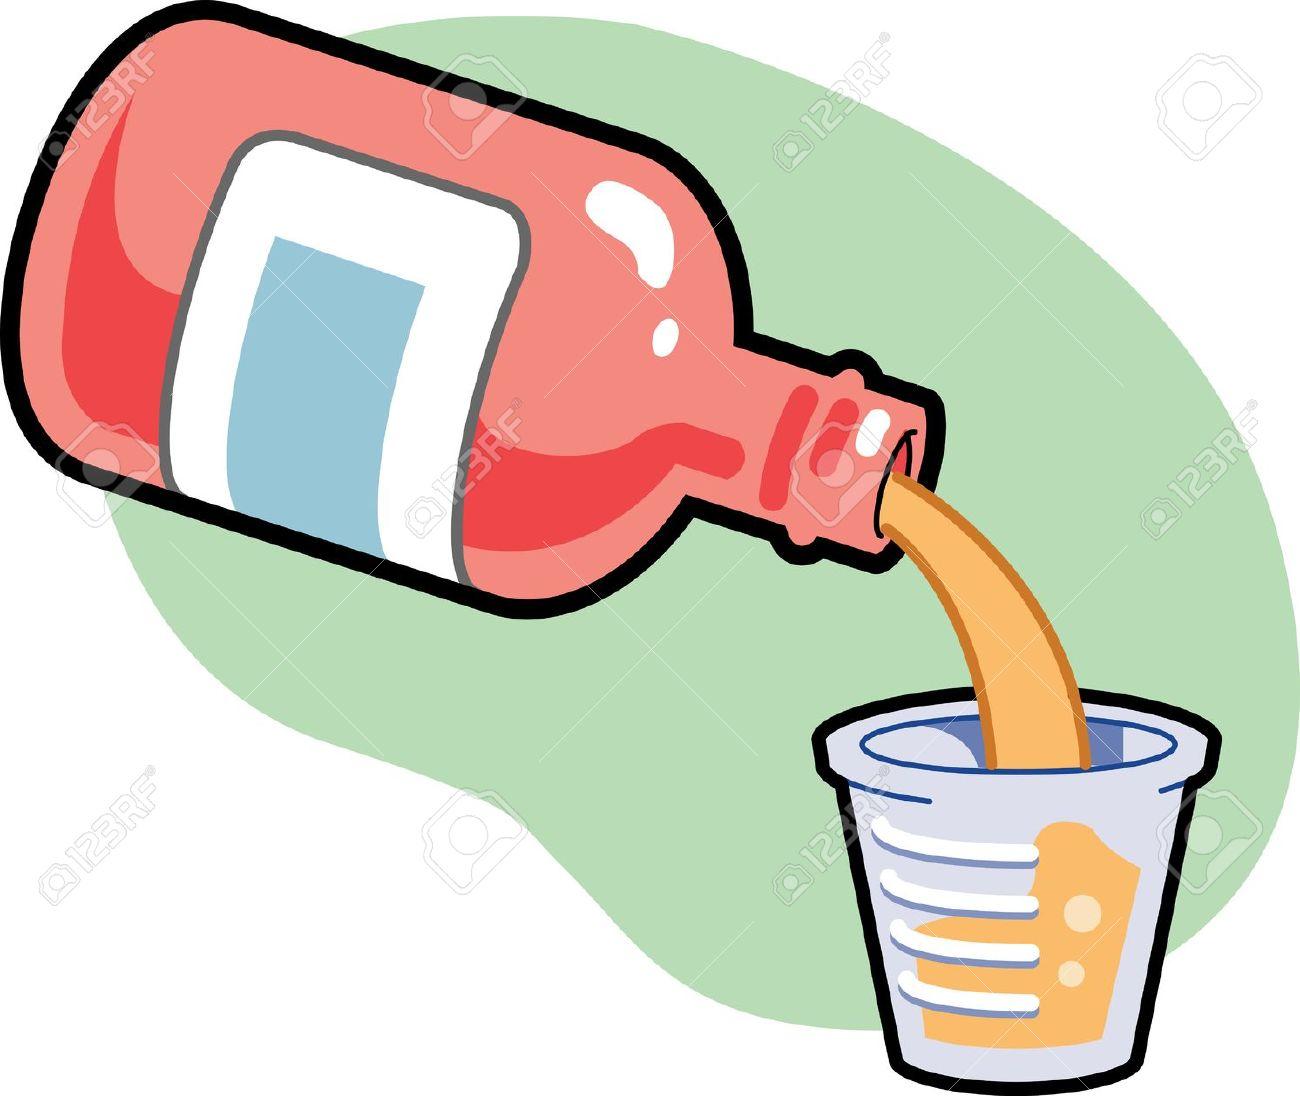 Medical clipart liquid medicine Kids medication Clipart Clipart ClipartFest